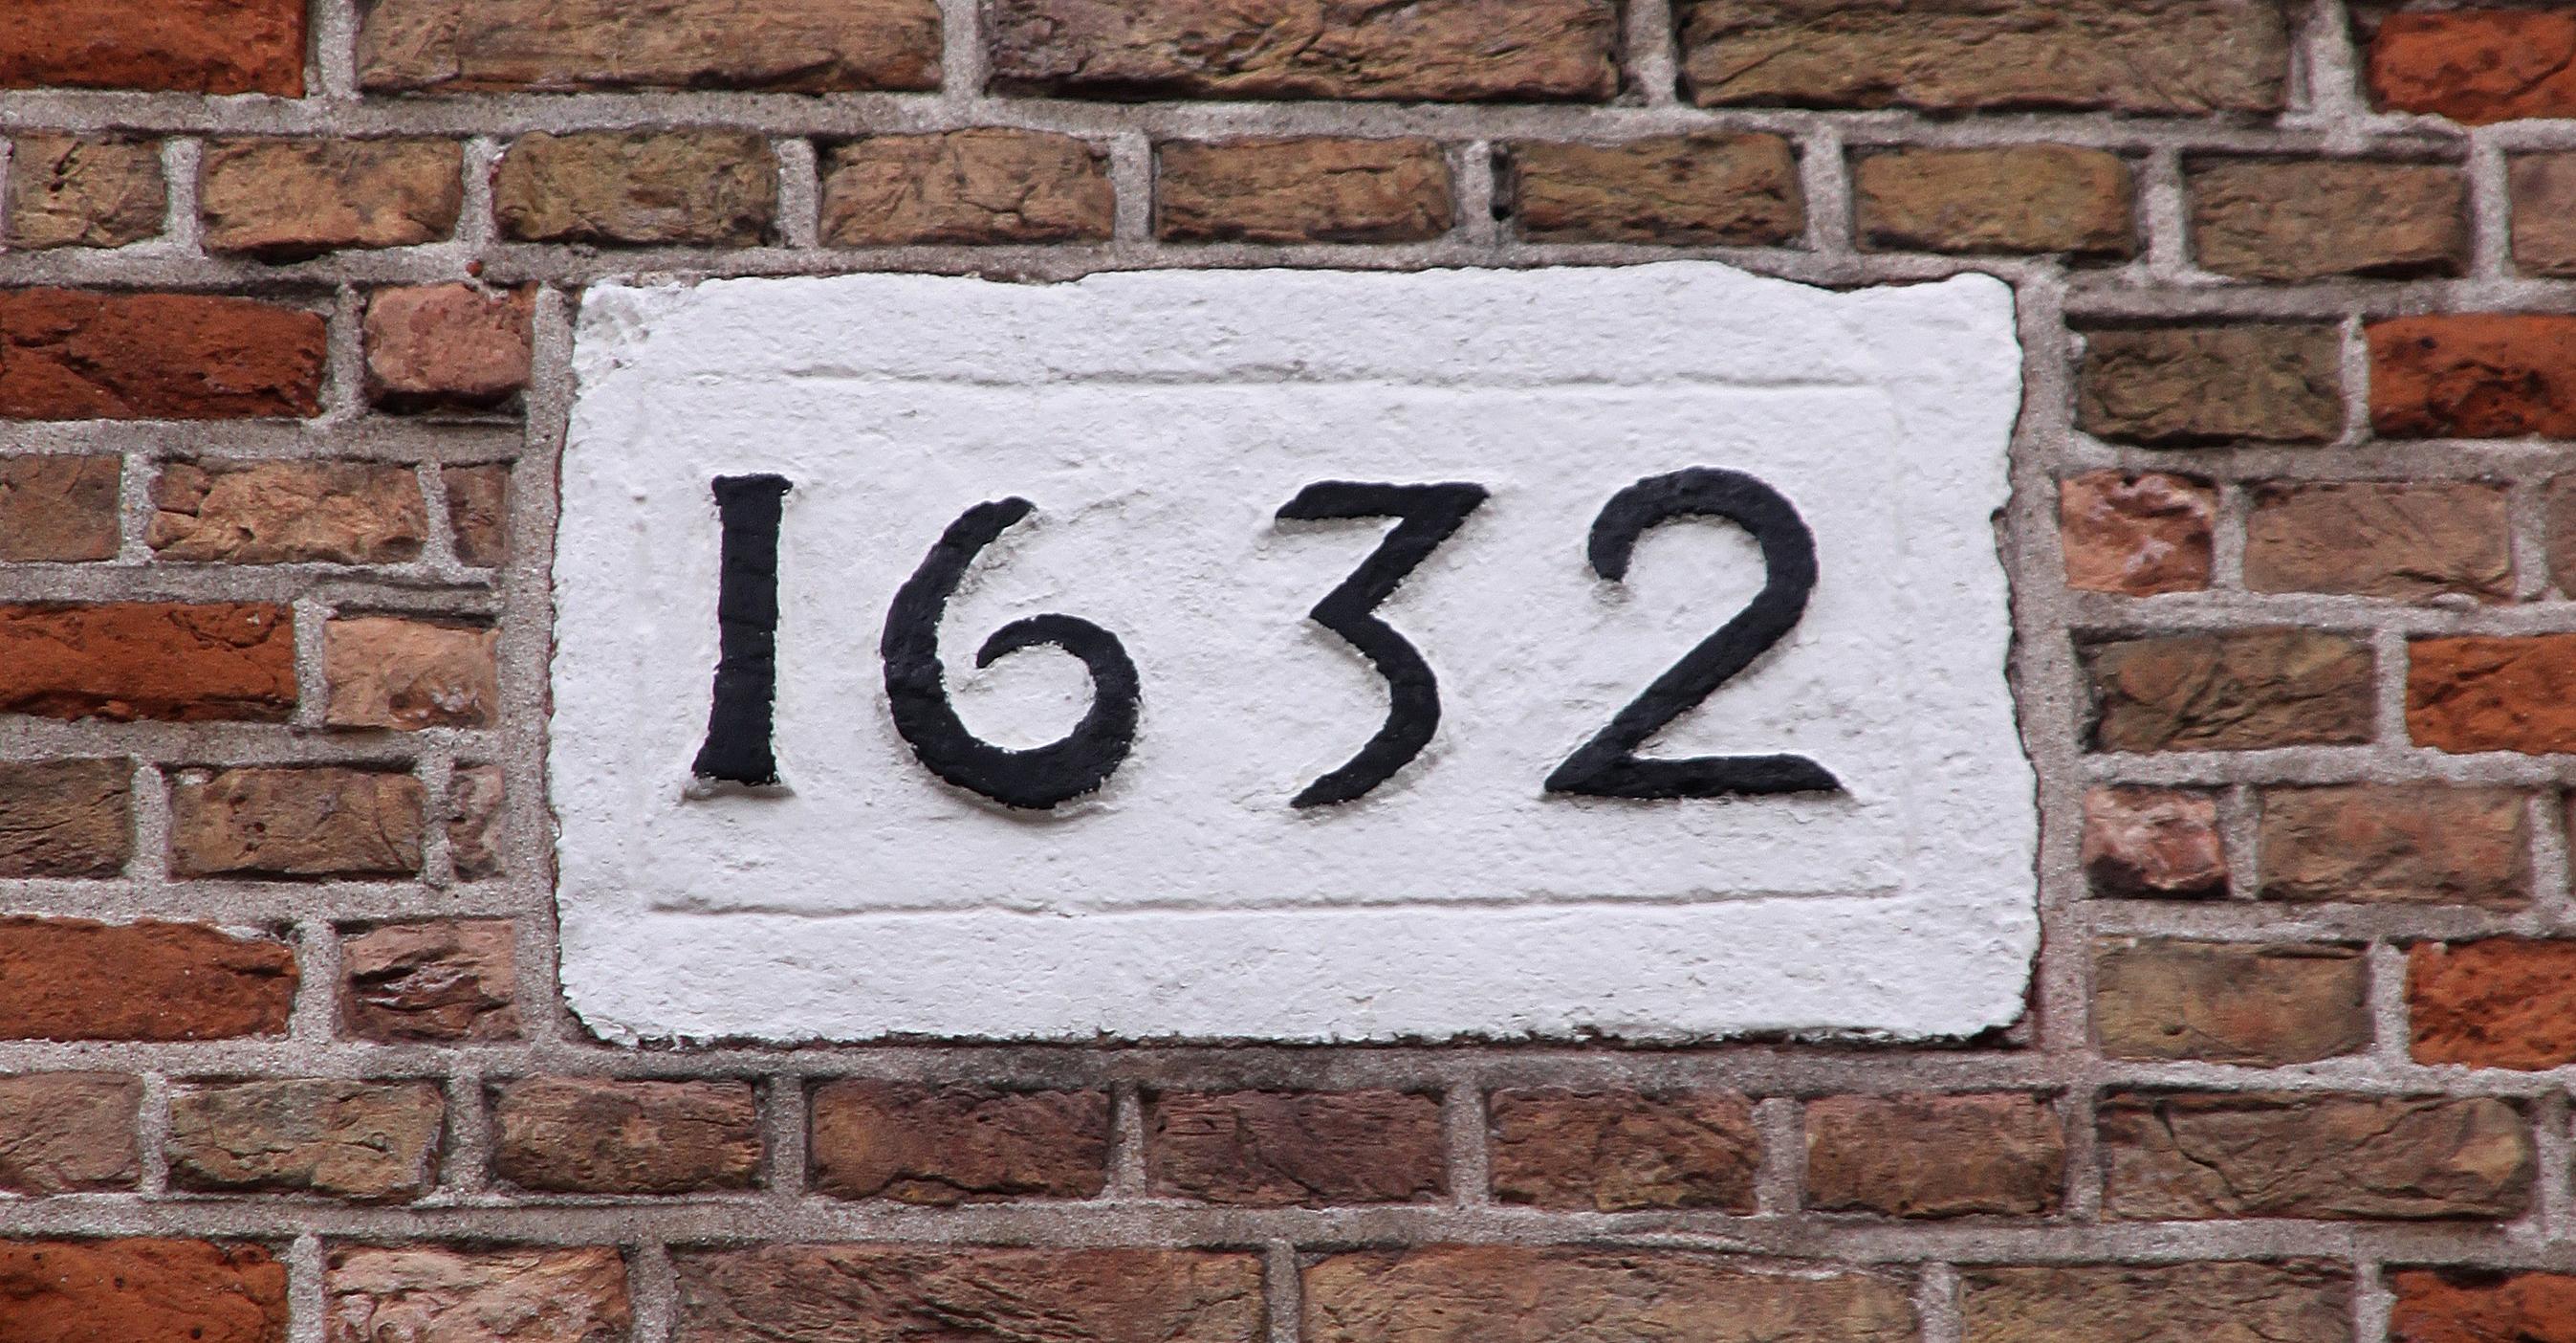 File:Zaltbommel - Ruiterstraat 18 - Gevelsteen 1632 - 5657detail.jpg